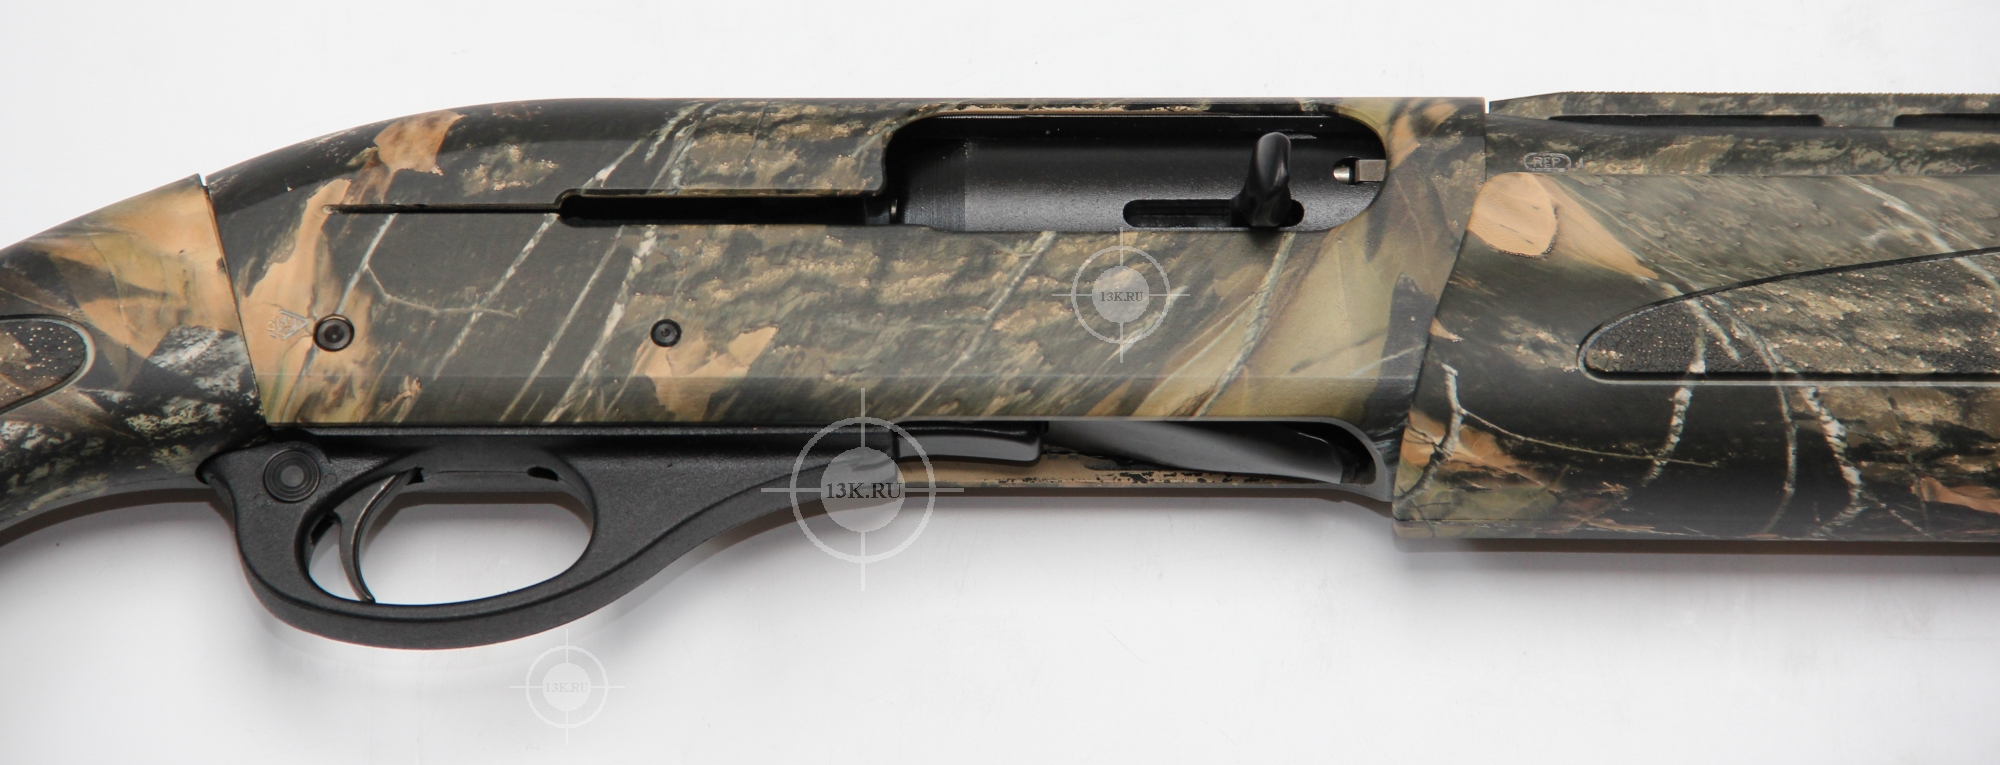 Remington 11 87 Shotgun Stocks likewise Remington 1100 Tactical Stock additionally EliteGold™ Артикул  1187 купить в Украине likewise Remington Model 1187 12 Gauge Shotgun likewise Remington 11 87 Premier Shotgun. on 1187 html